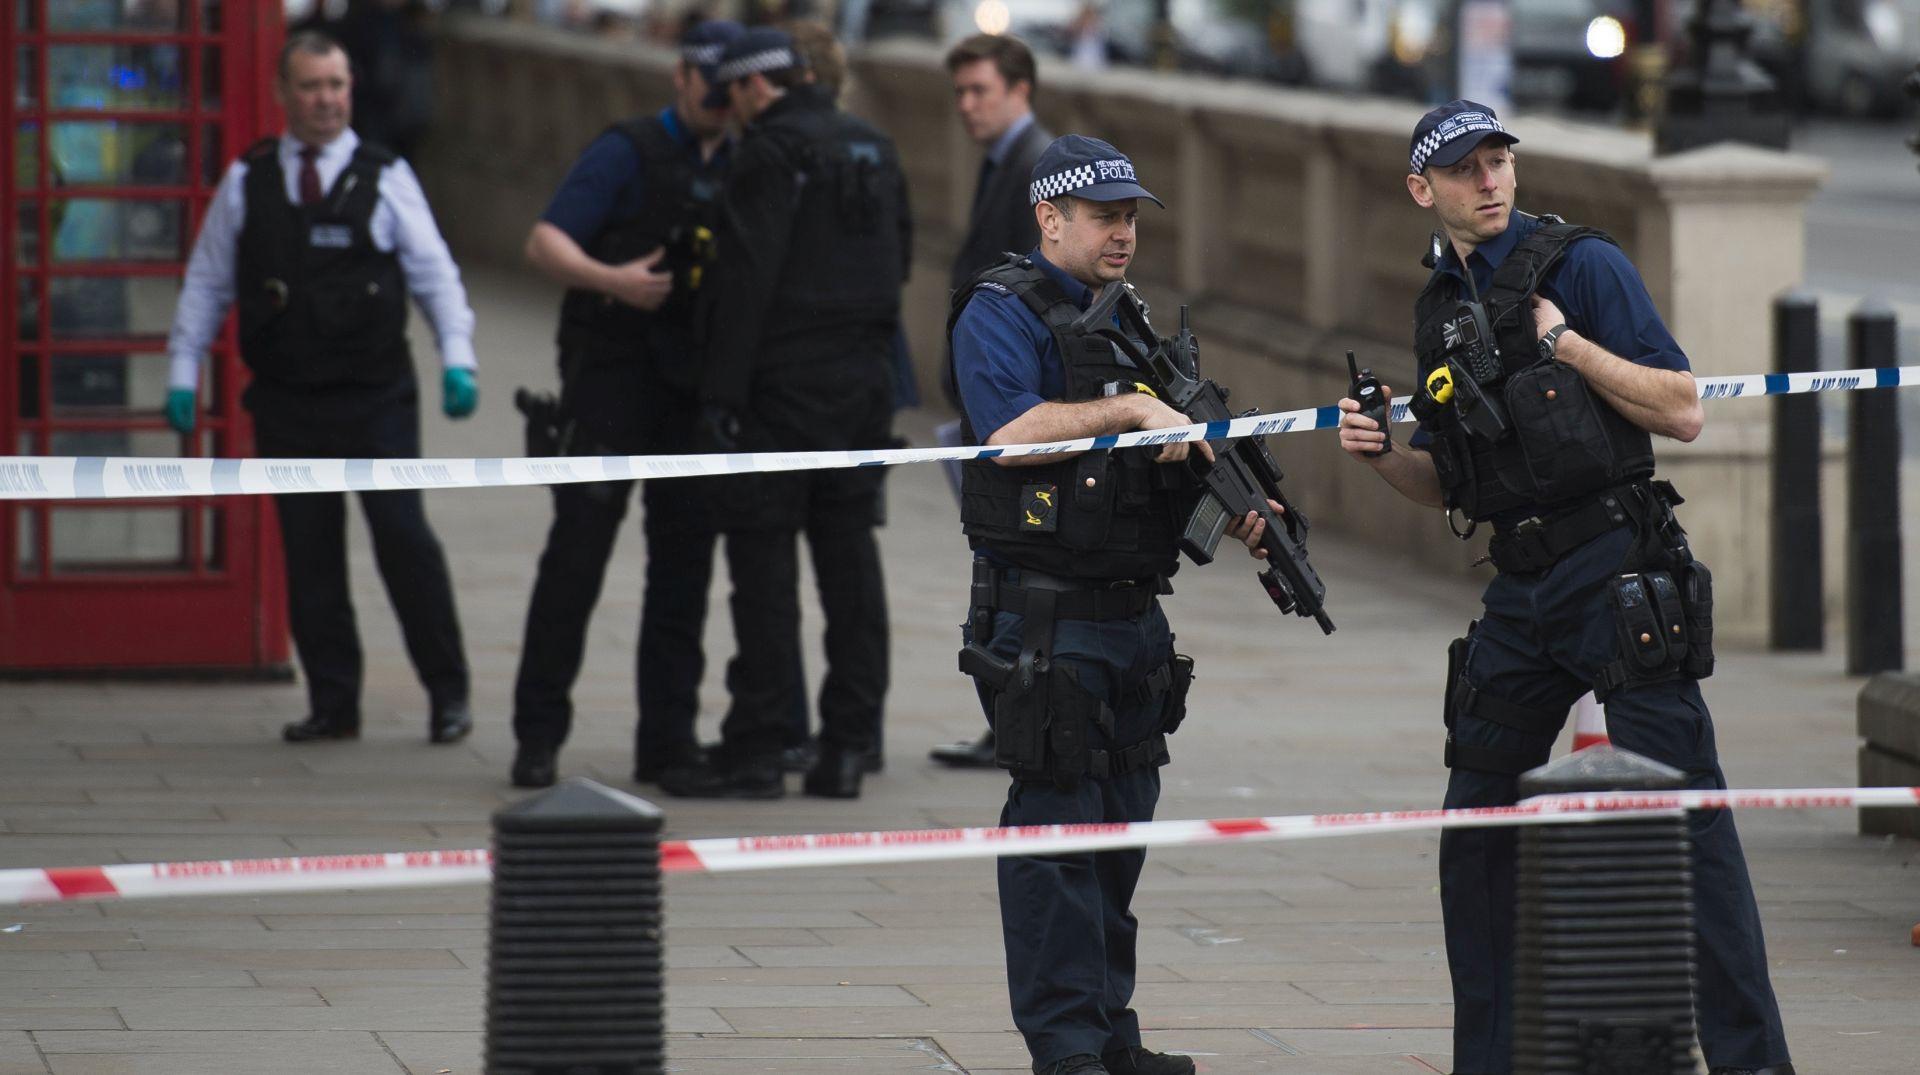 VELIKA BRITANIJA U protuterorističkoj operaciji četvero uhićenih, jedna žena ranjena